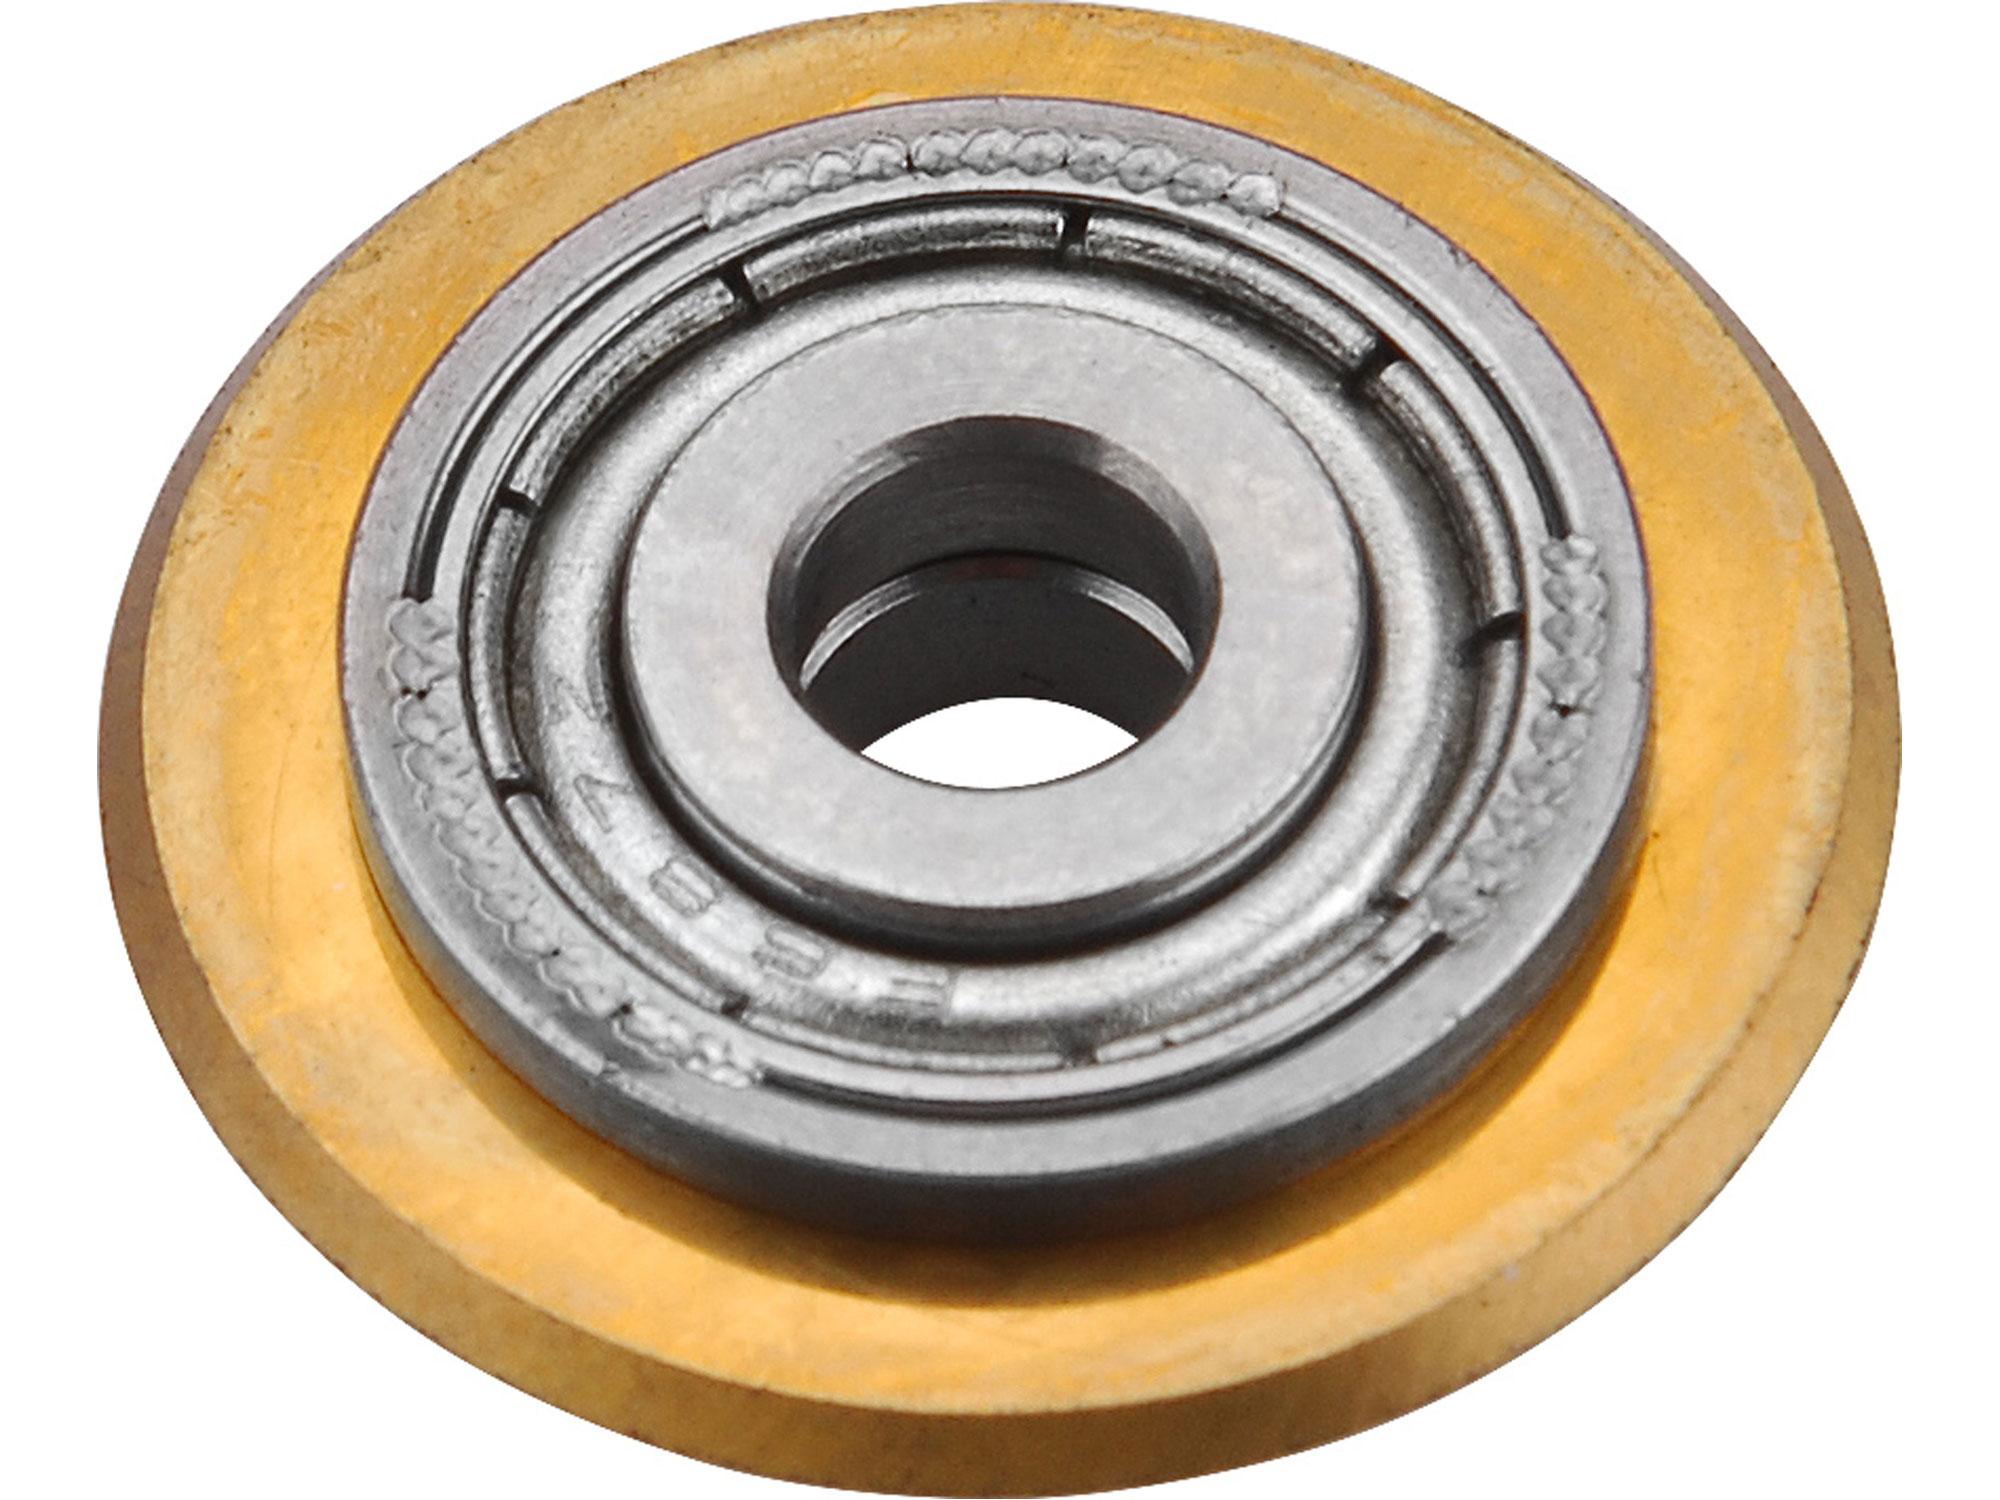 Kolečko řezací ložiskové, 22x6x6mm, SK FORTUM 4770805